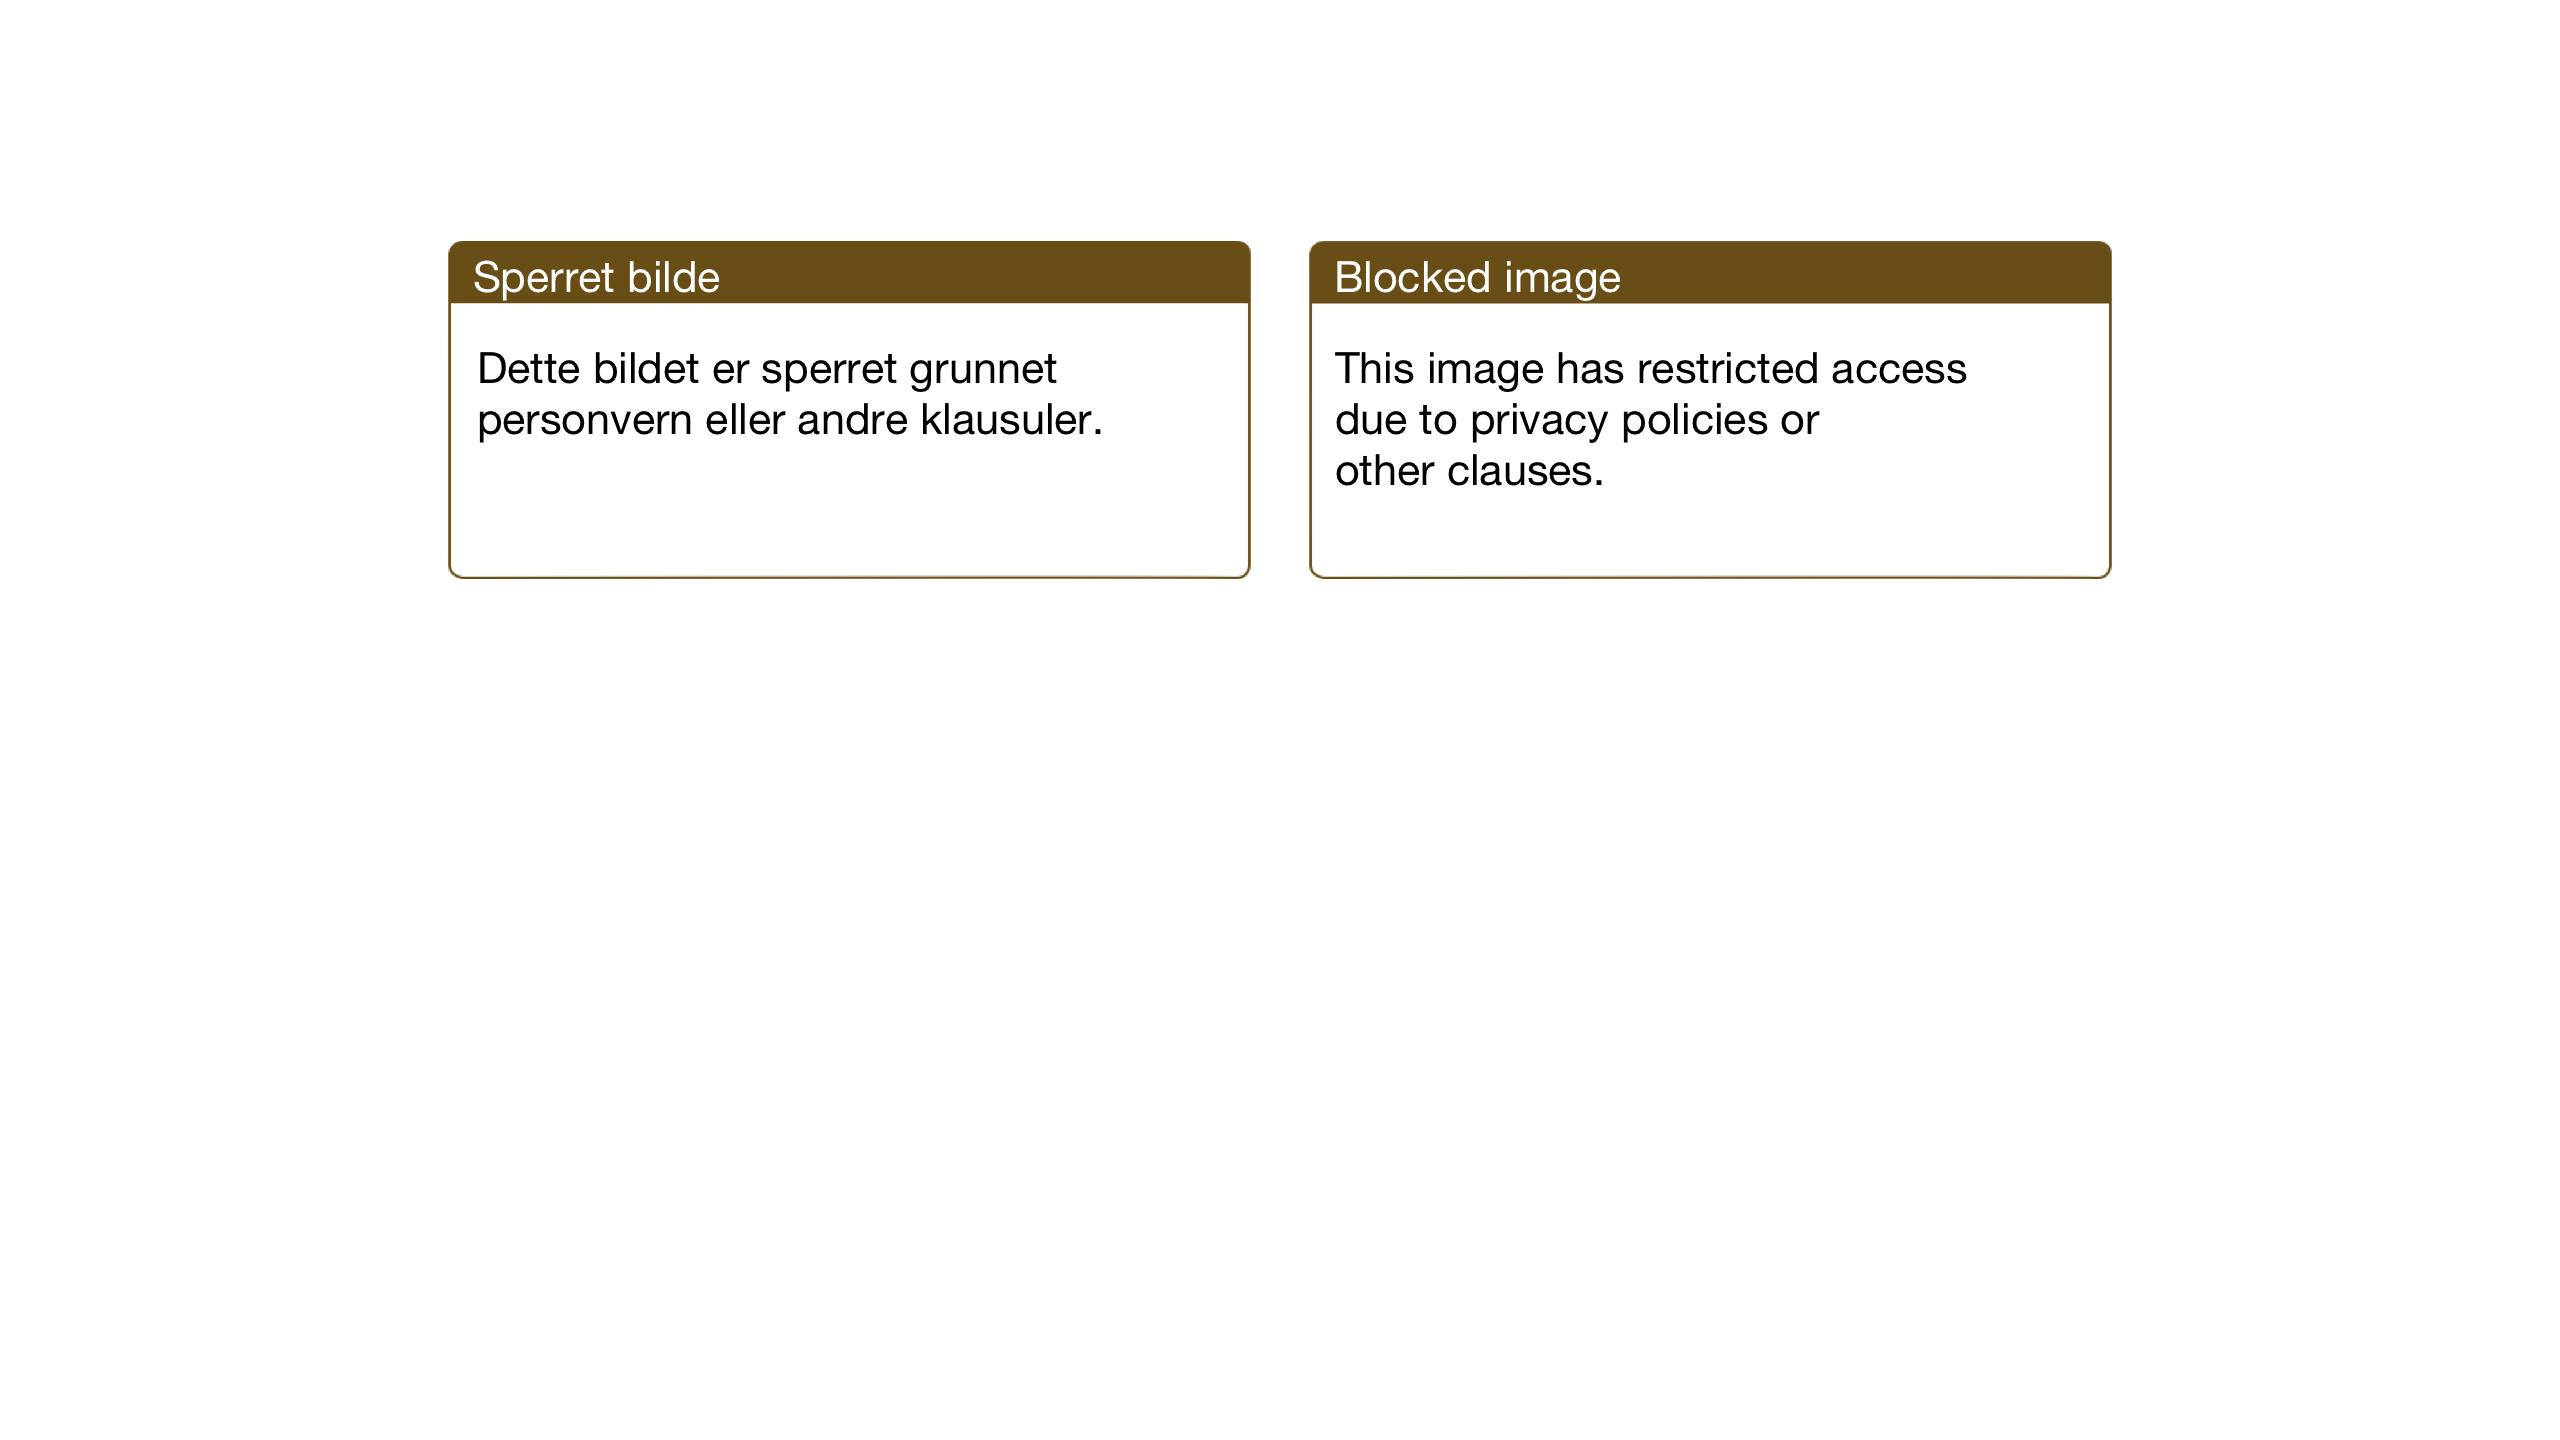 SAB, Voss folkeregister, F/Fd/L0041: Hovudregisterkort  gnr. 246 bnr. 2 - gnr. 260 bnr. 4, 1942-2005